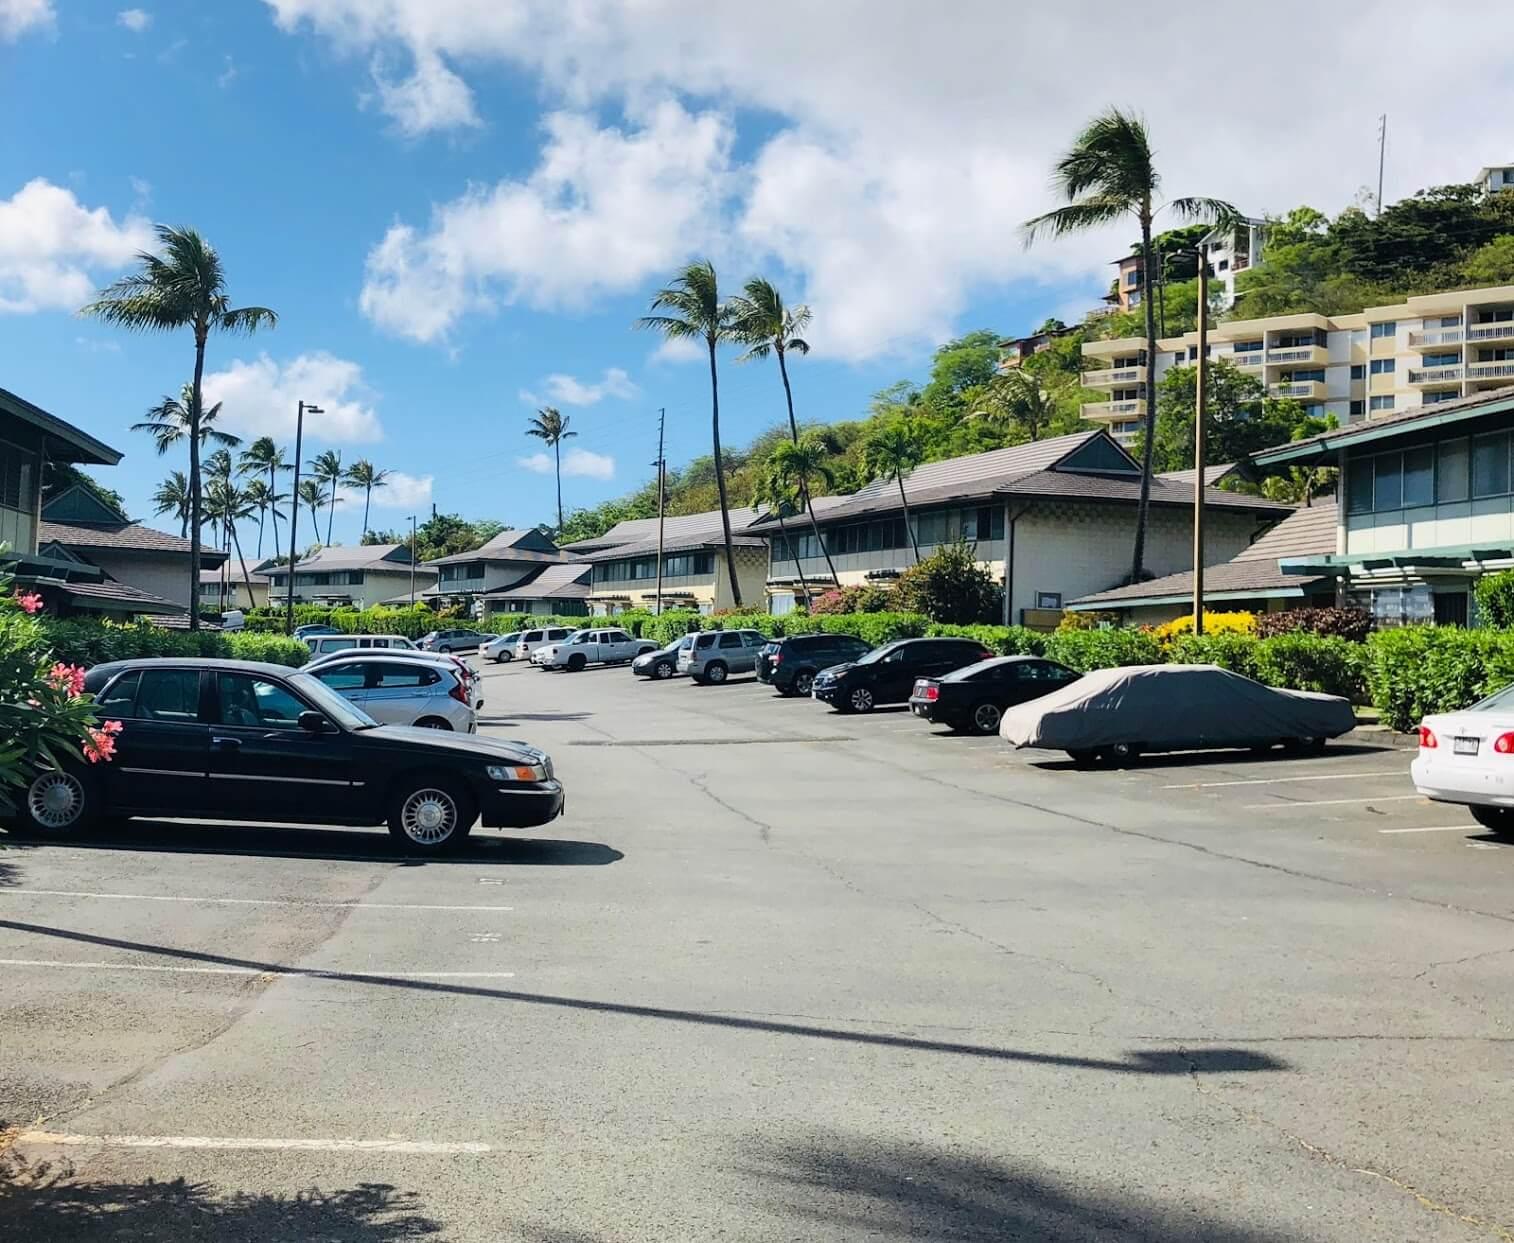 Waialae Gardensの駐車場